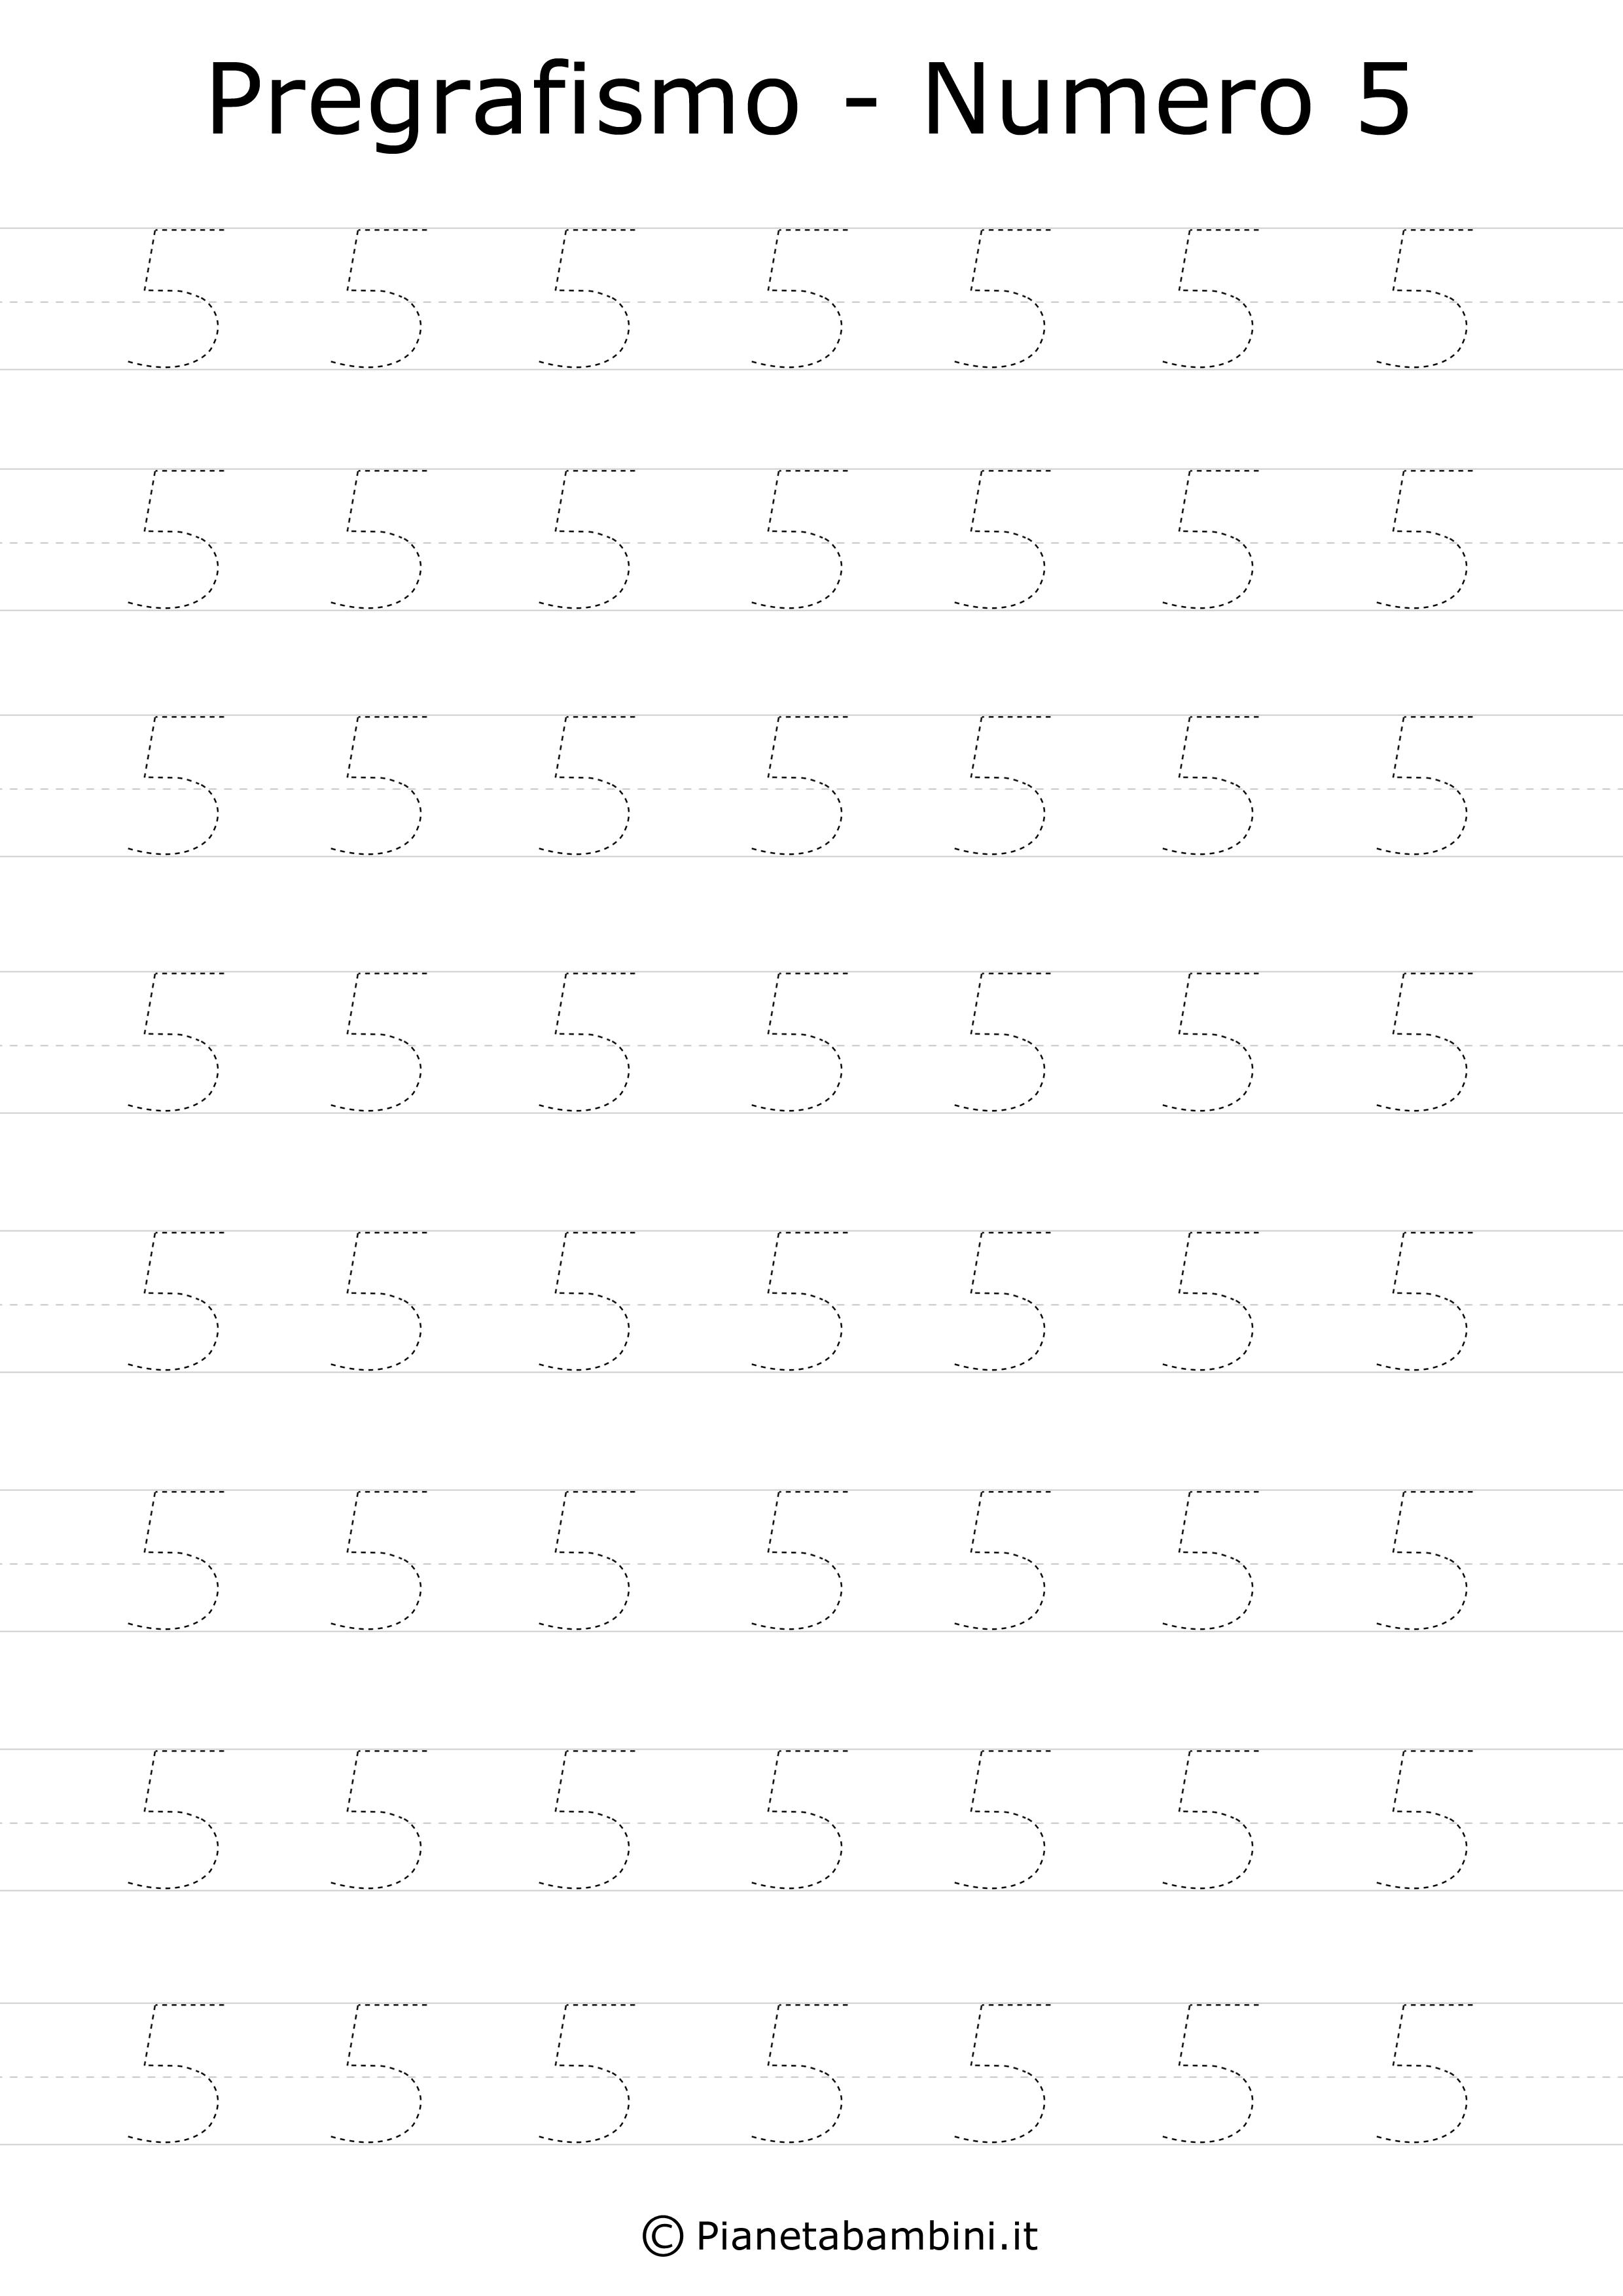 Pregrafismo-Numero-5